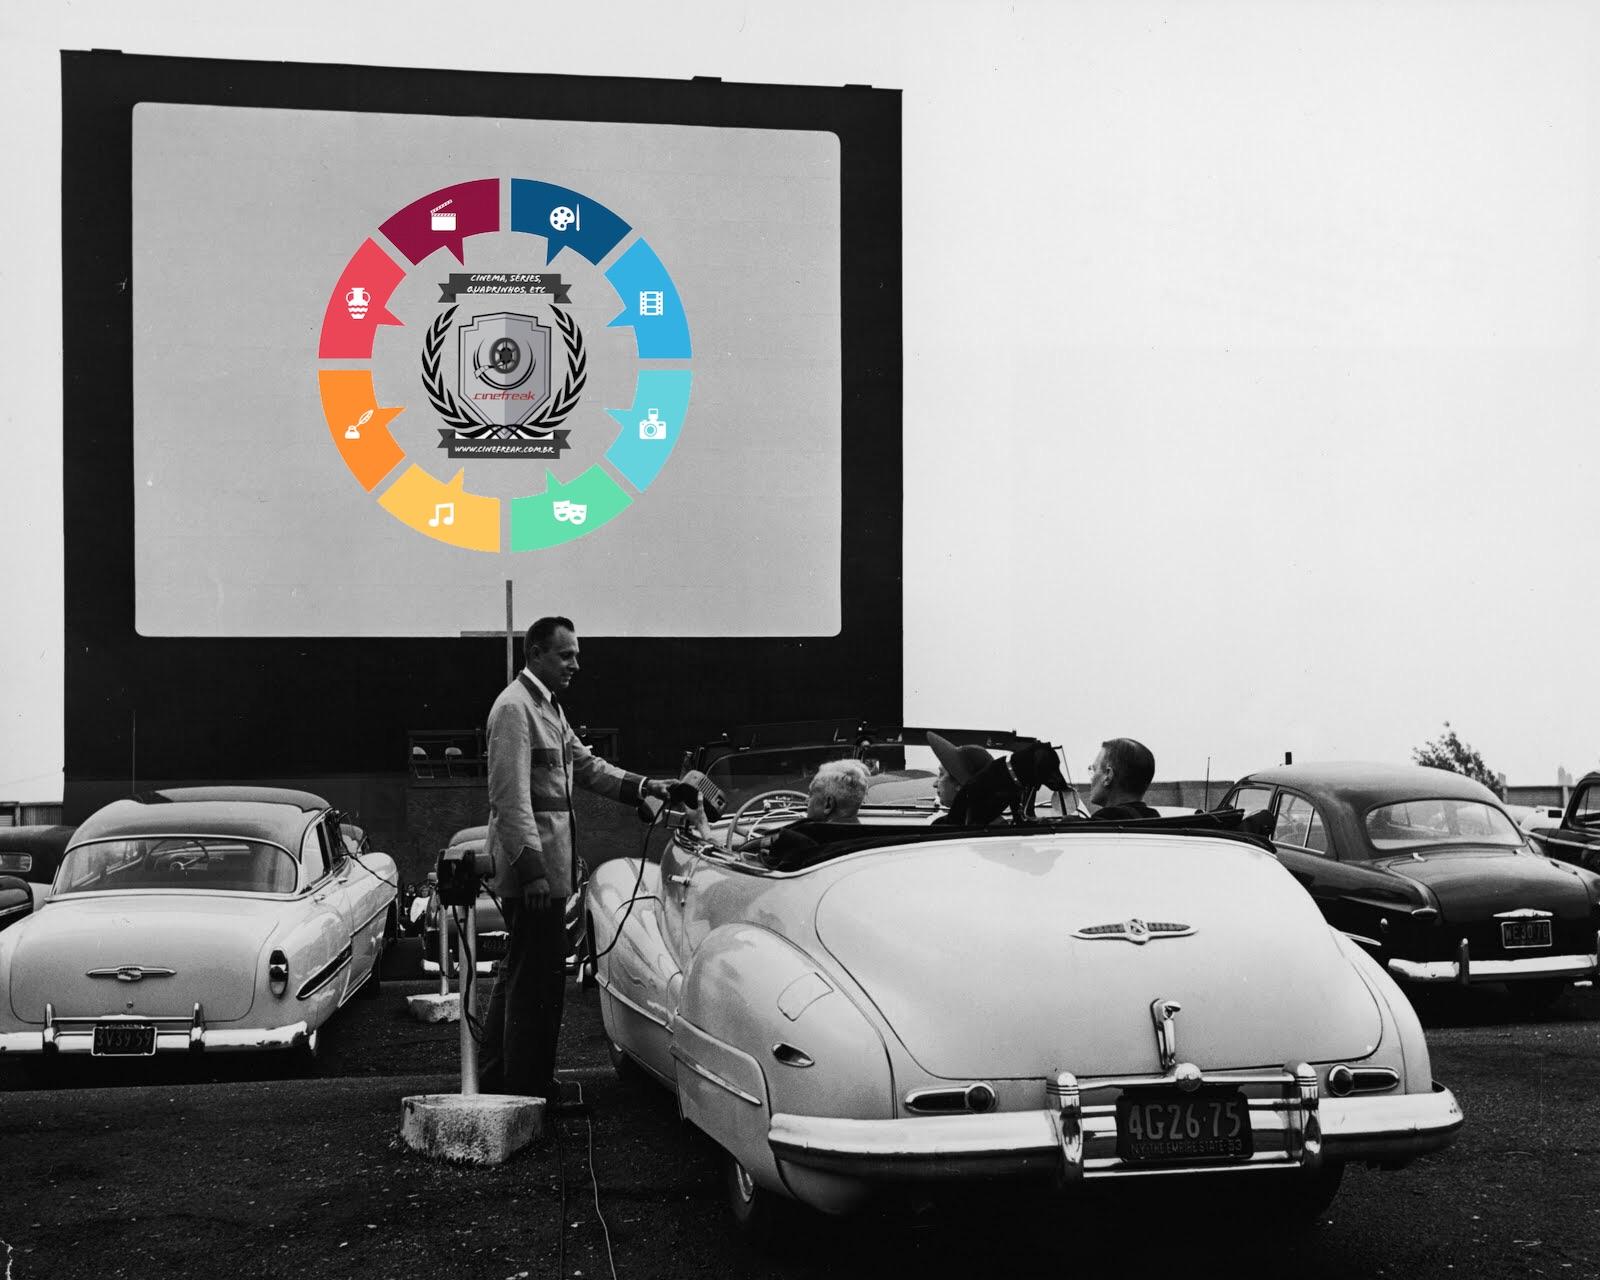 Prefeitura aprova funcionamento de cinemas drive-in na cidade de São Paulo 7